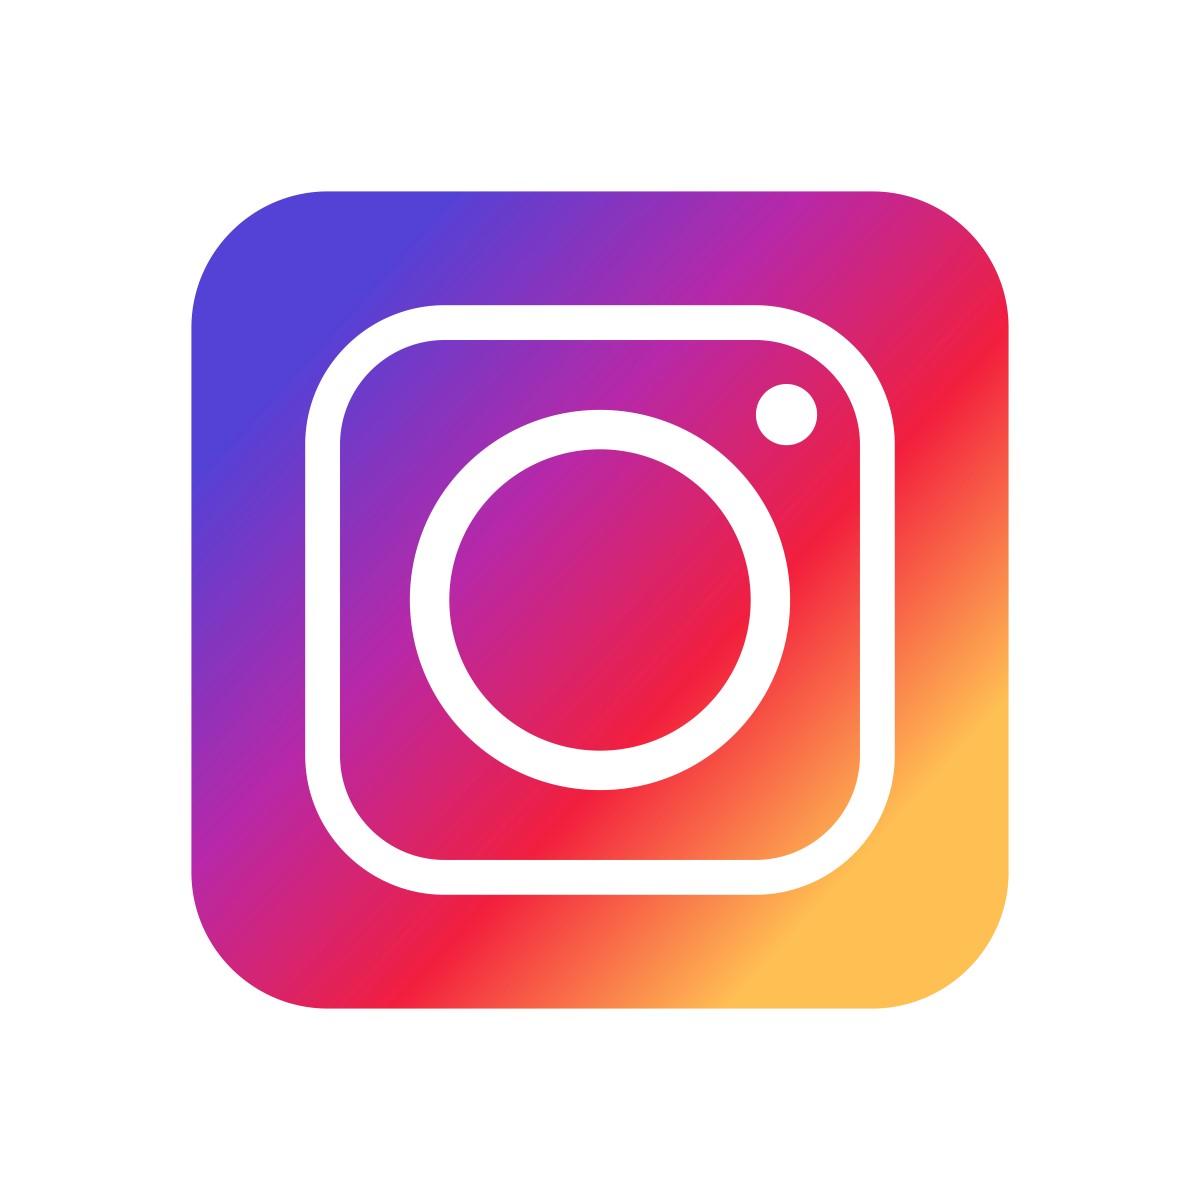 Le logo d'Instagram est très coloré